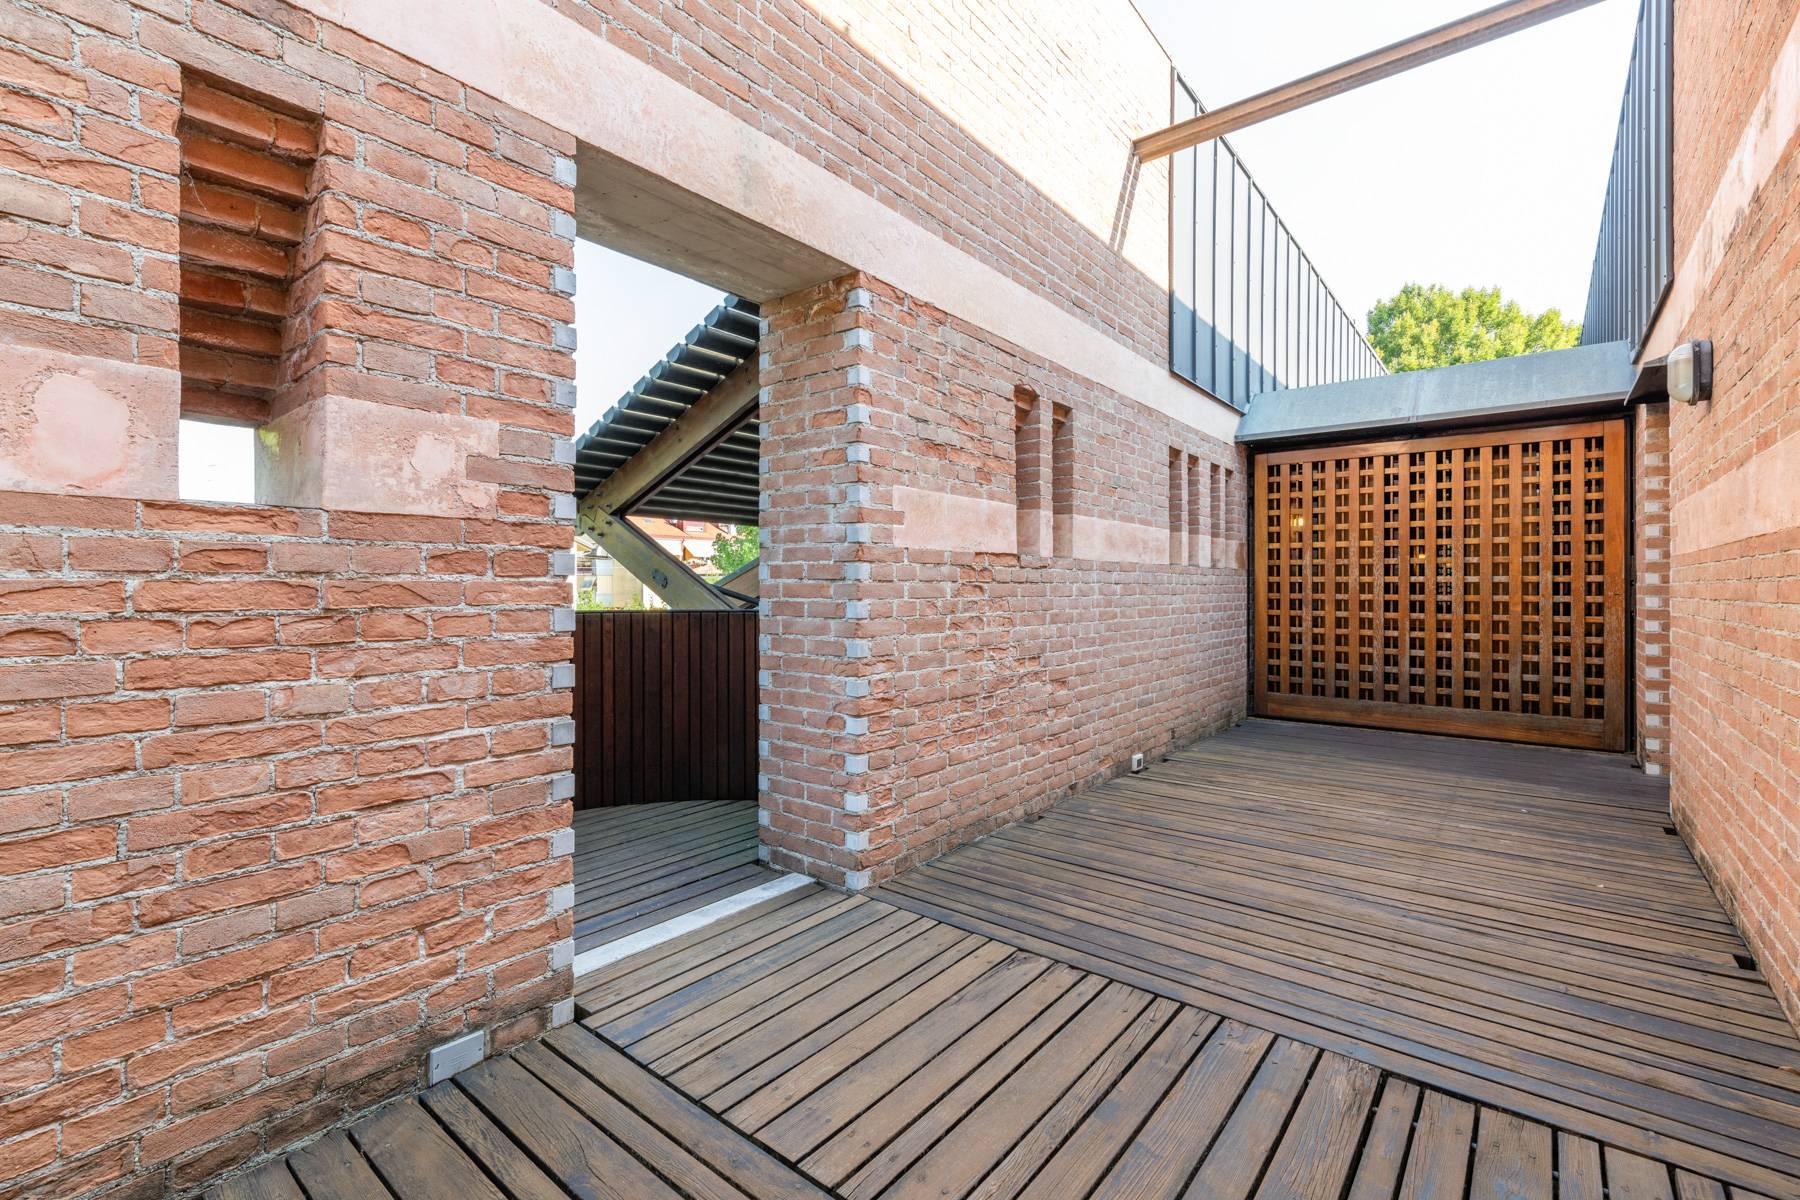 Raffinata Villa d'autore con giardino ed opere d'arte nel centro della città - 13